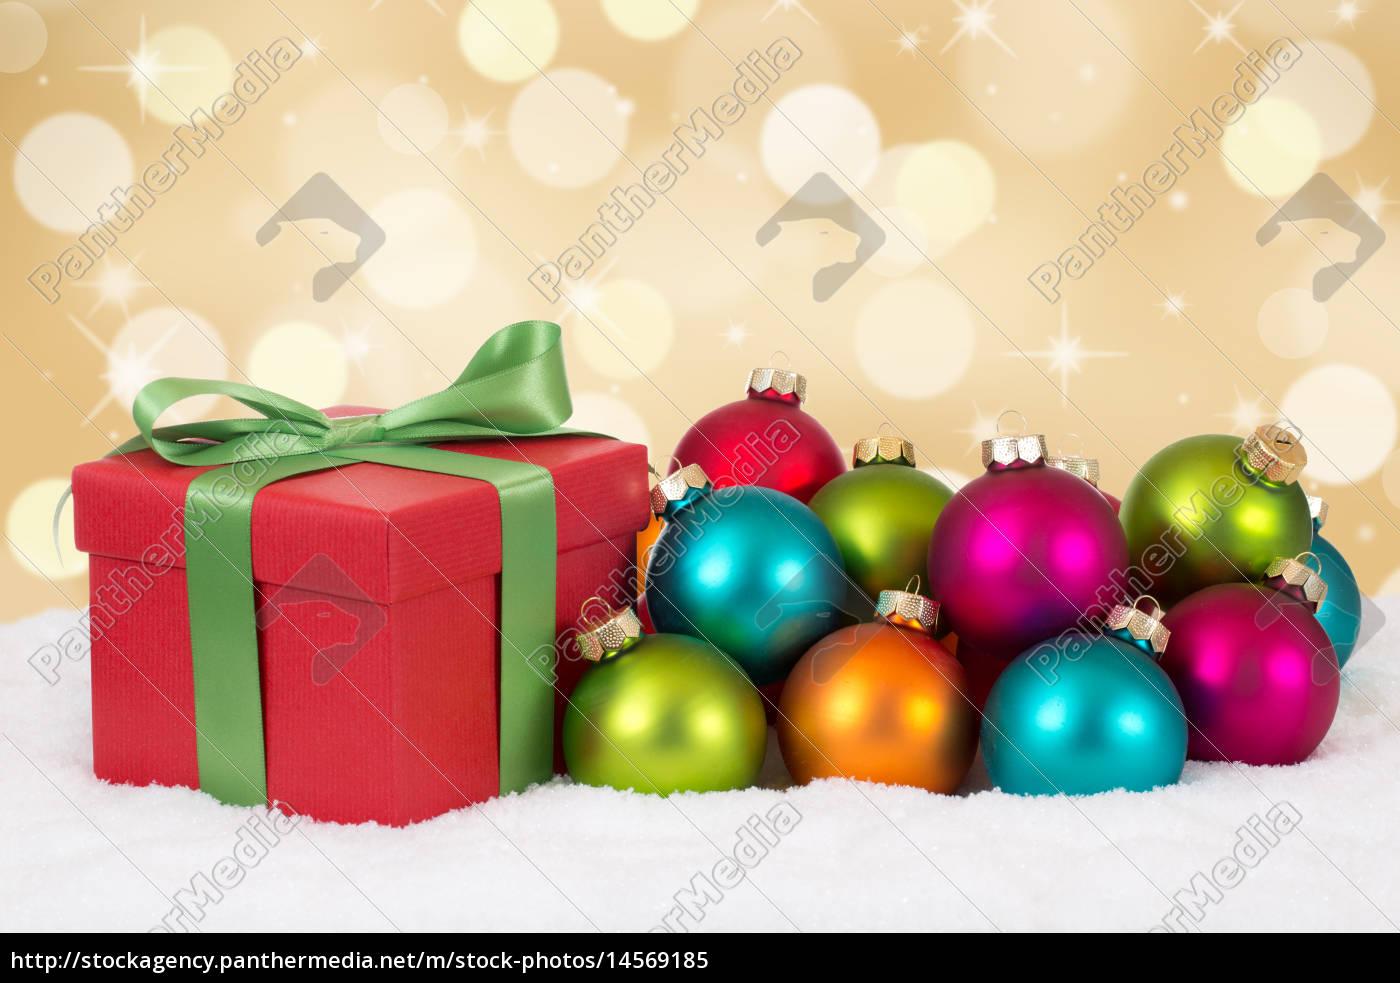 Weihnachtsgeschenke Geschenke an Weihnachten mit - Stockfoto ...